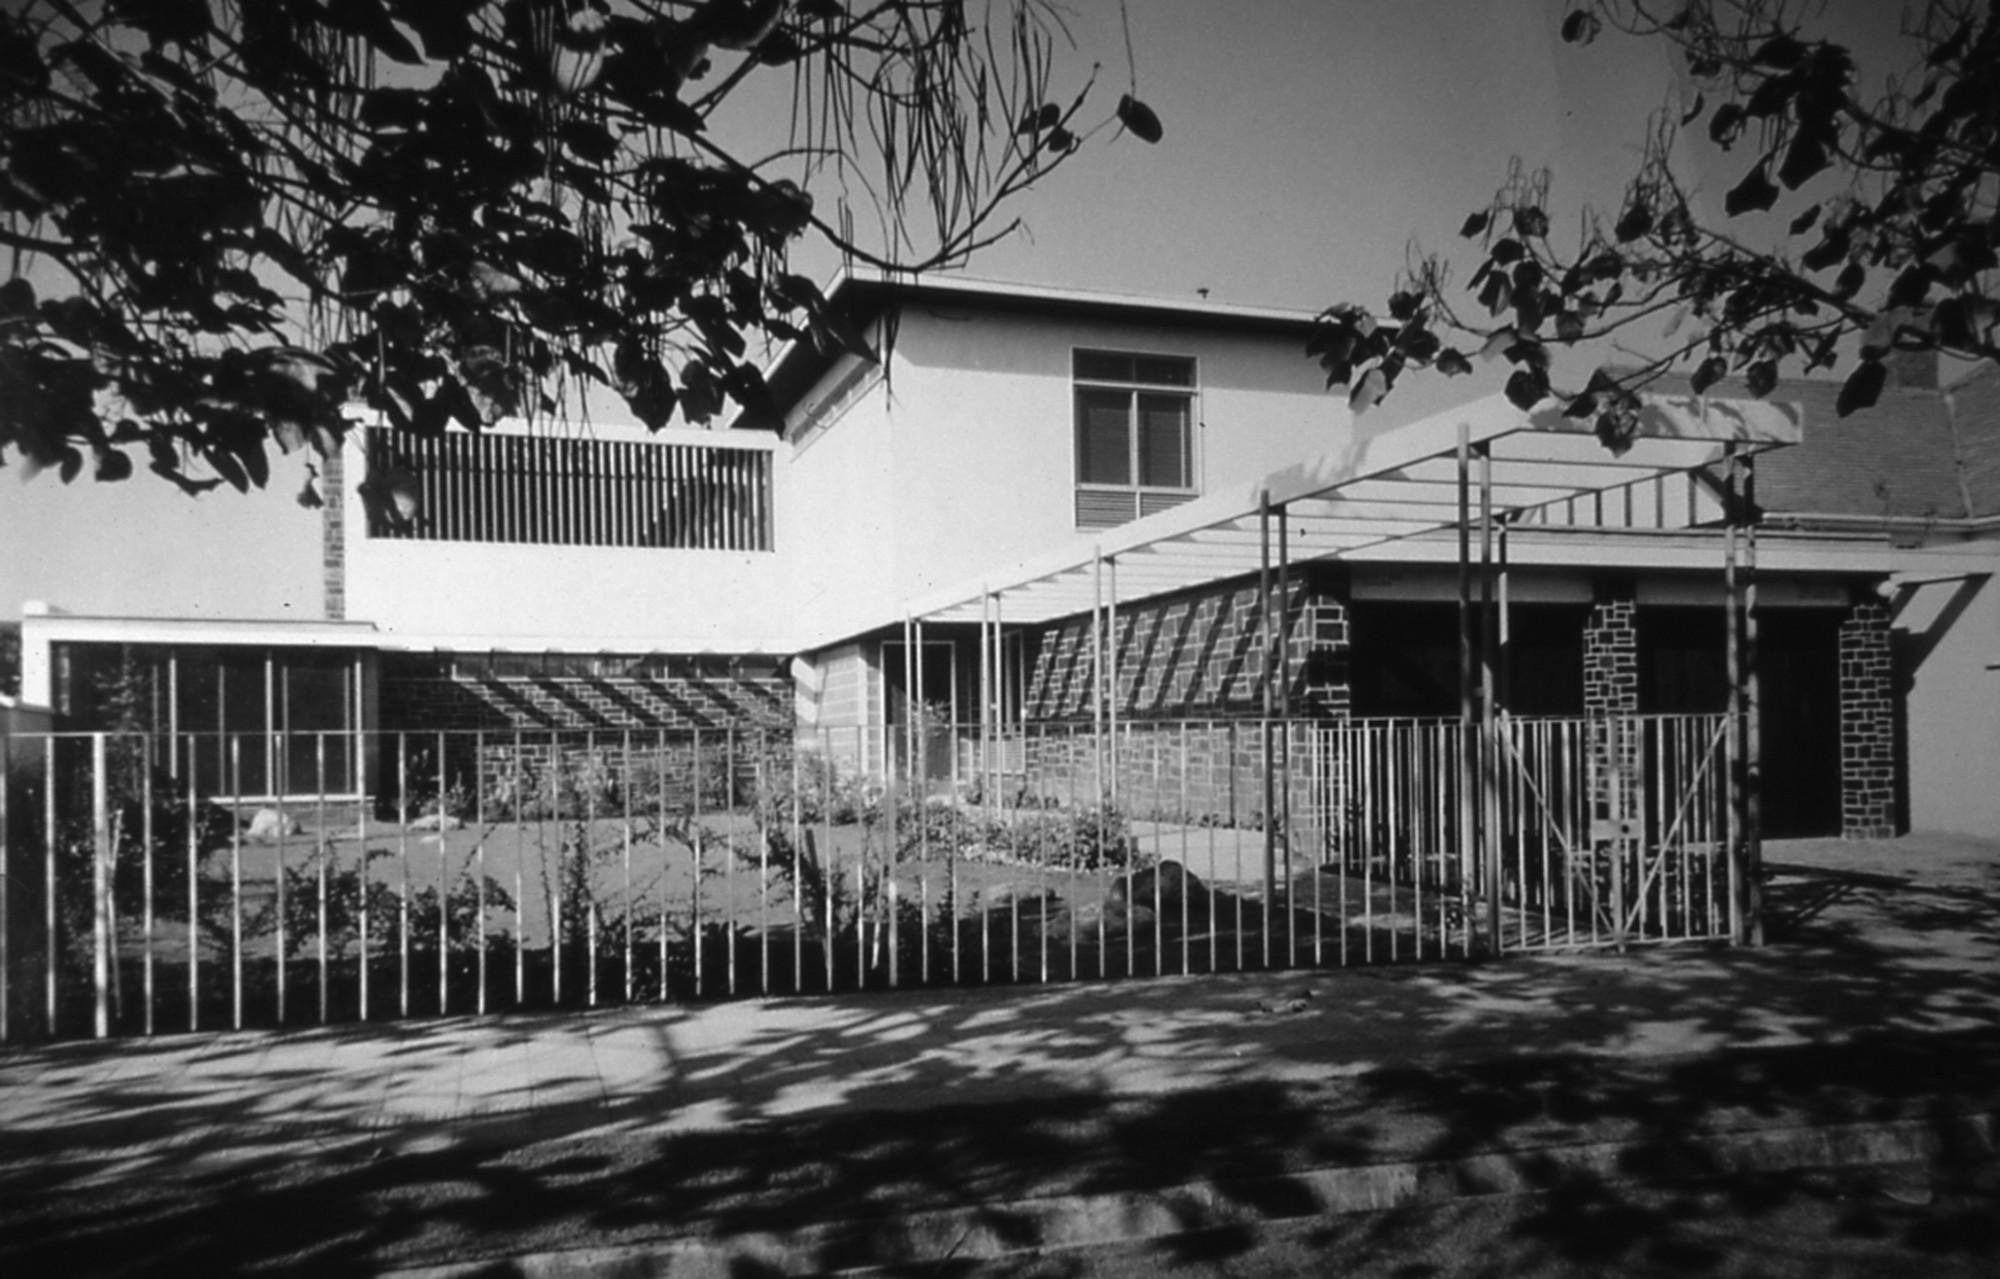 © Cortesía de Movimiento Moderno Olvidado, 50 viviendas en Santiago de Chile 1940-1970